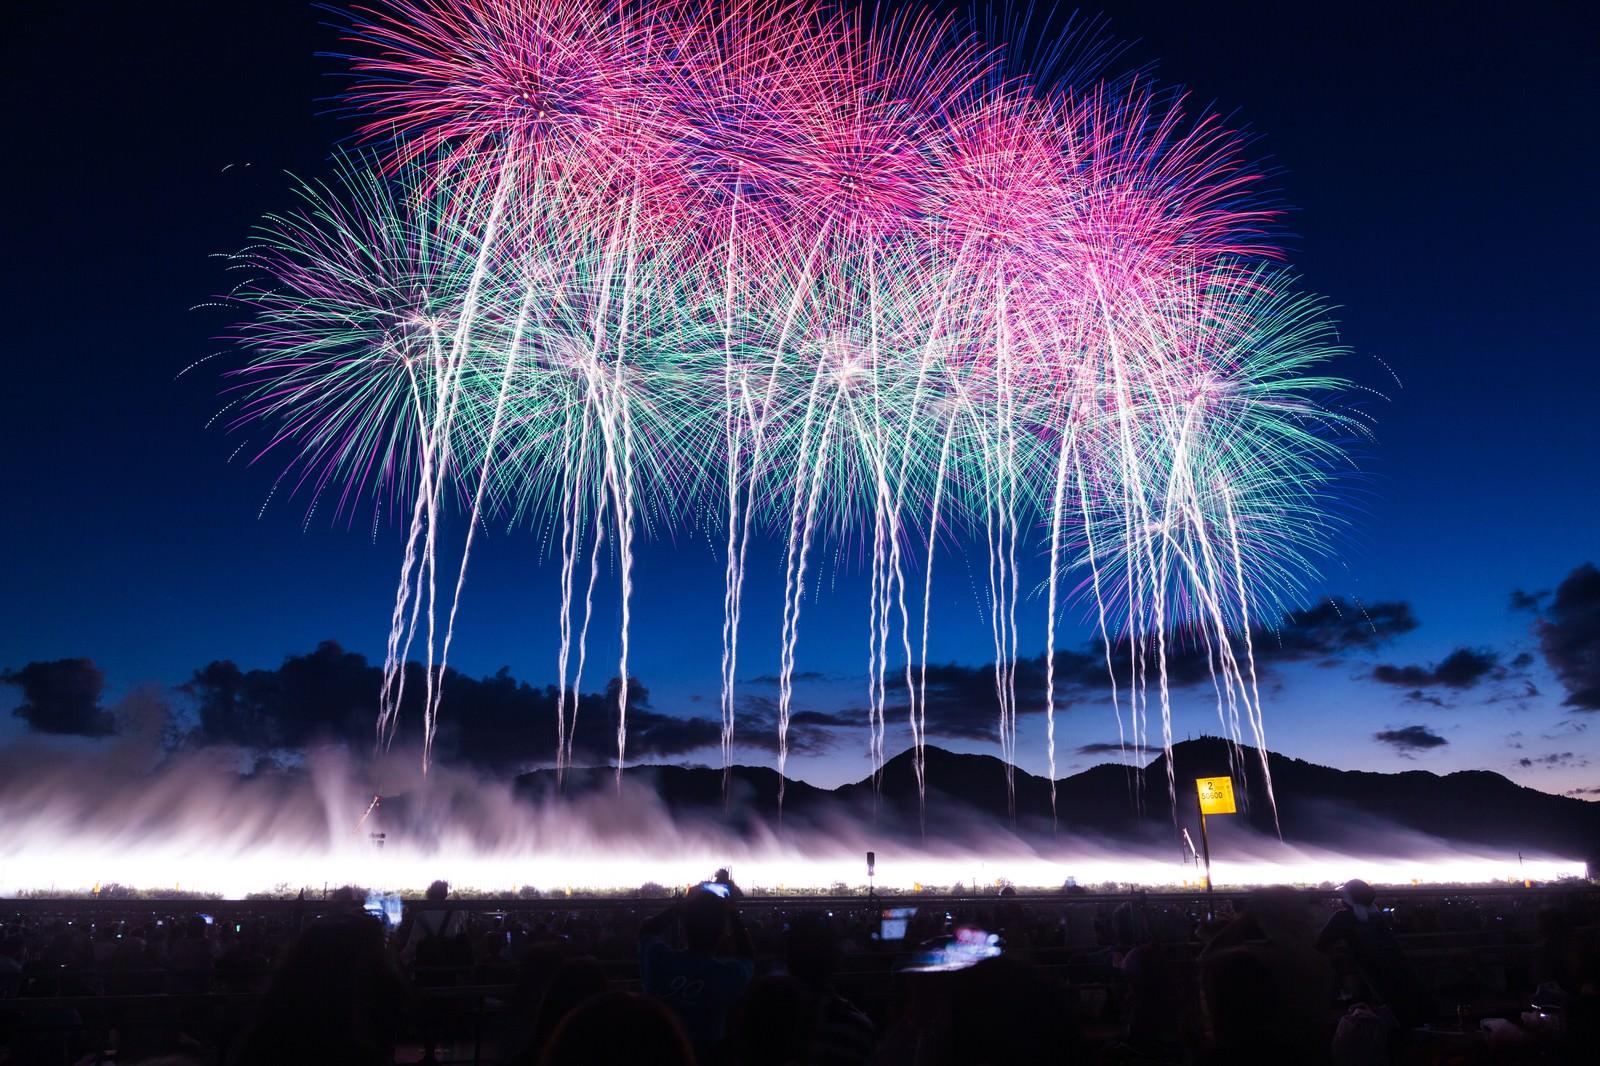 日本的花火大会想必你一定去过,但是它正真的含义却是